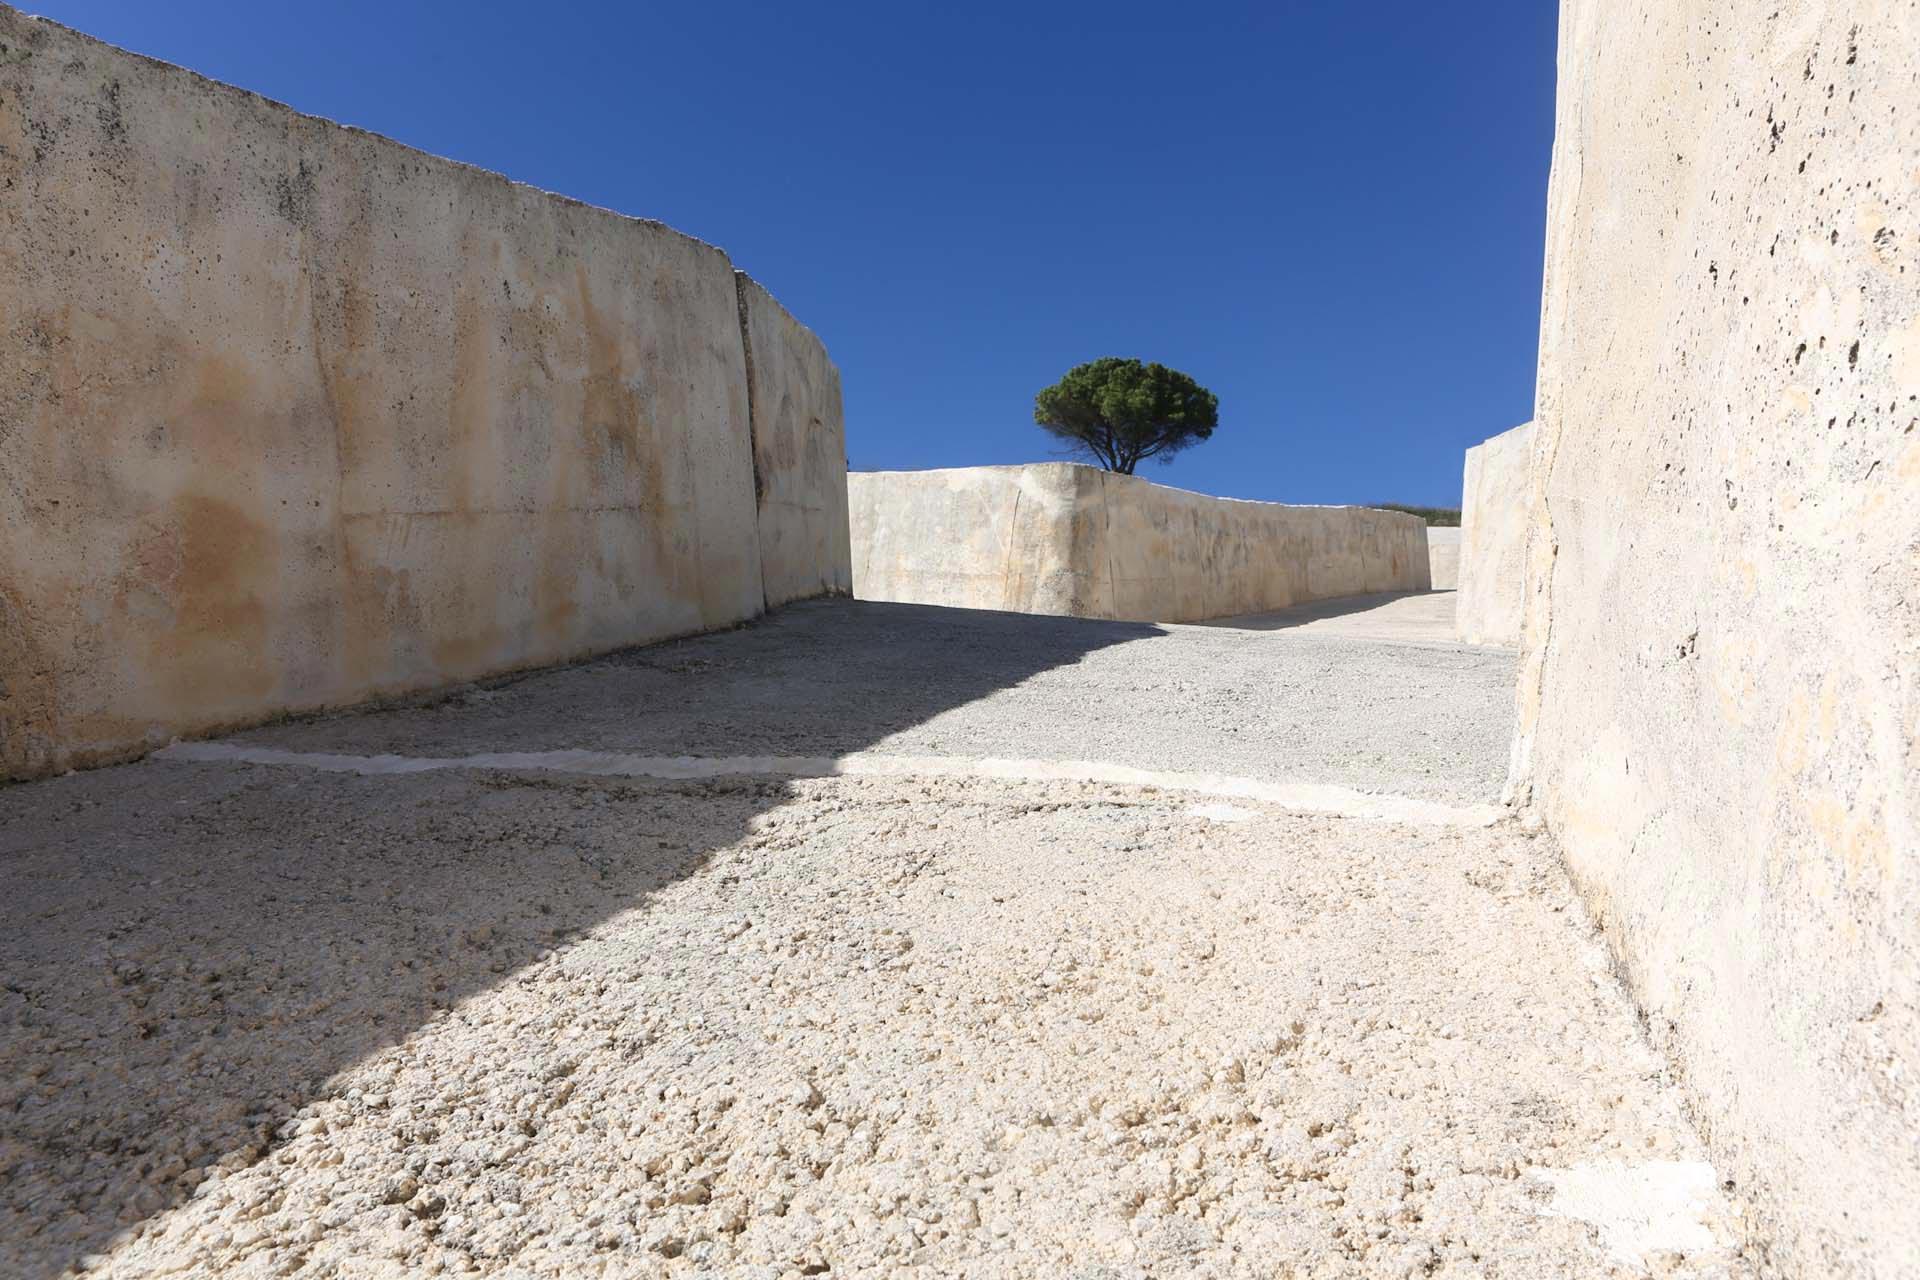 Auf den Grundrissen der Hausruinen, den Straßen und Wegen von Gibellina aufbauend, schuf Alberto Burri eine der größten Landschaftsskulpturen der Welt.